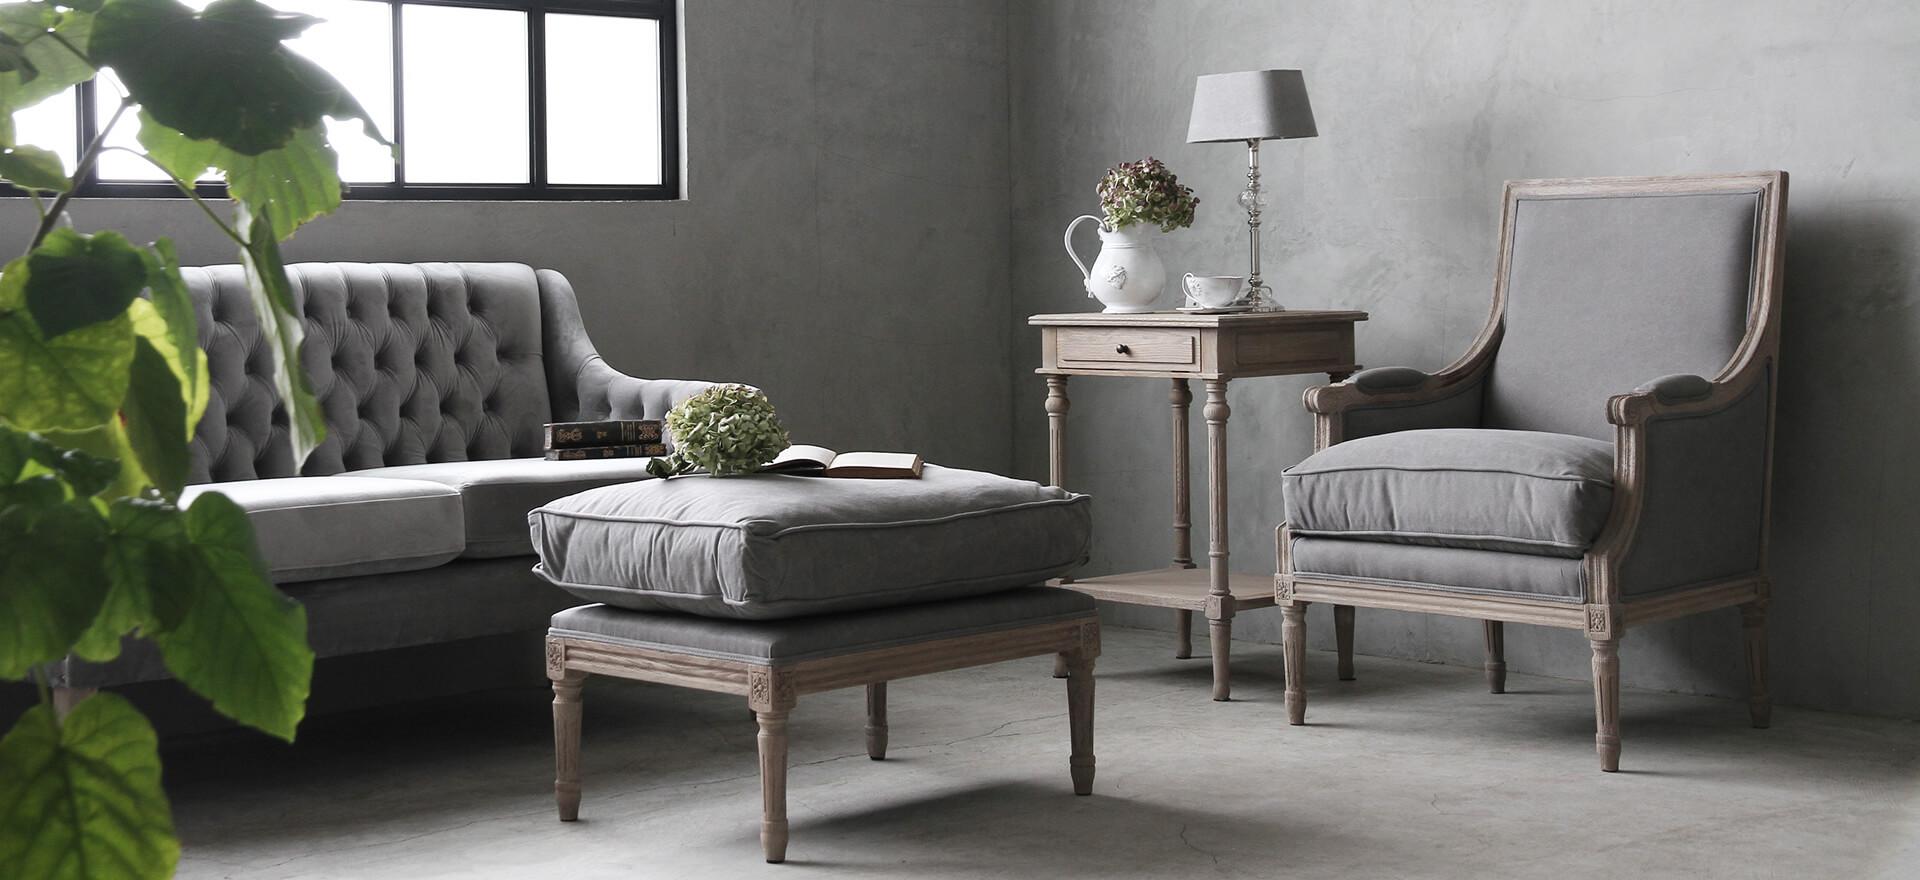 サラグレースClassicシリーズの家具